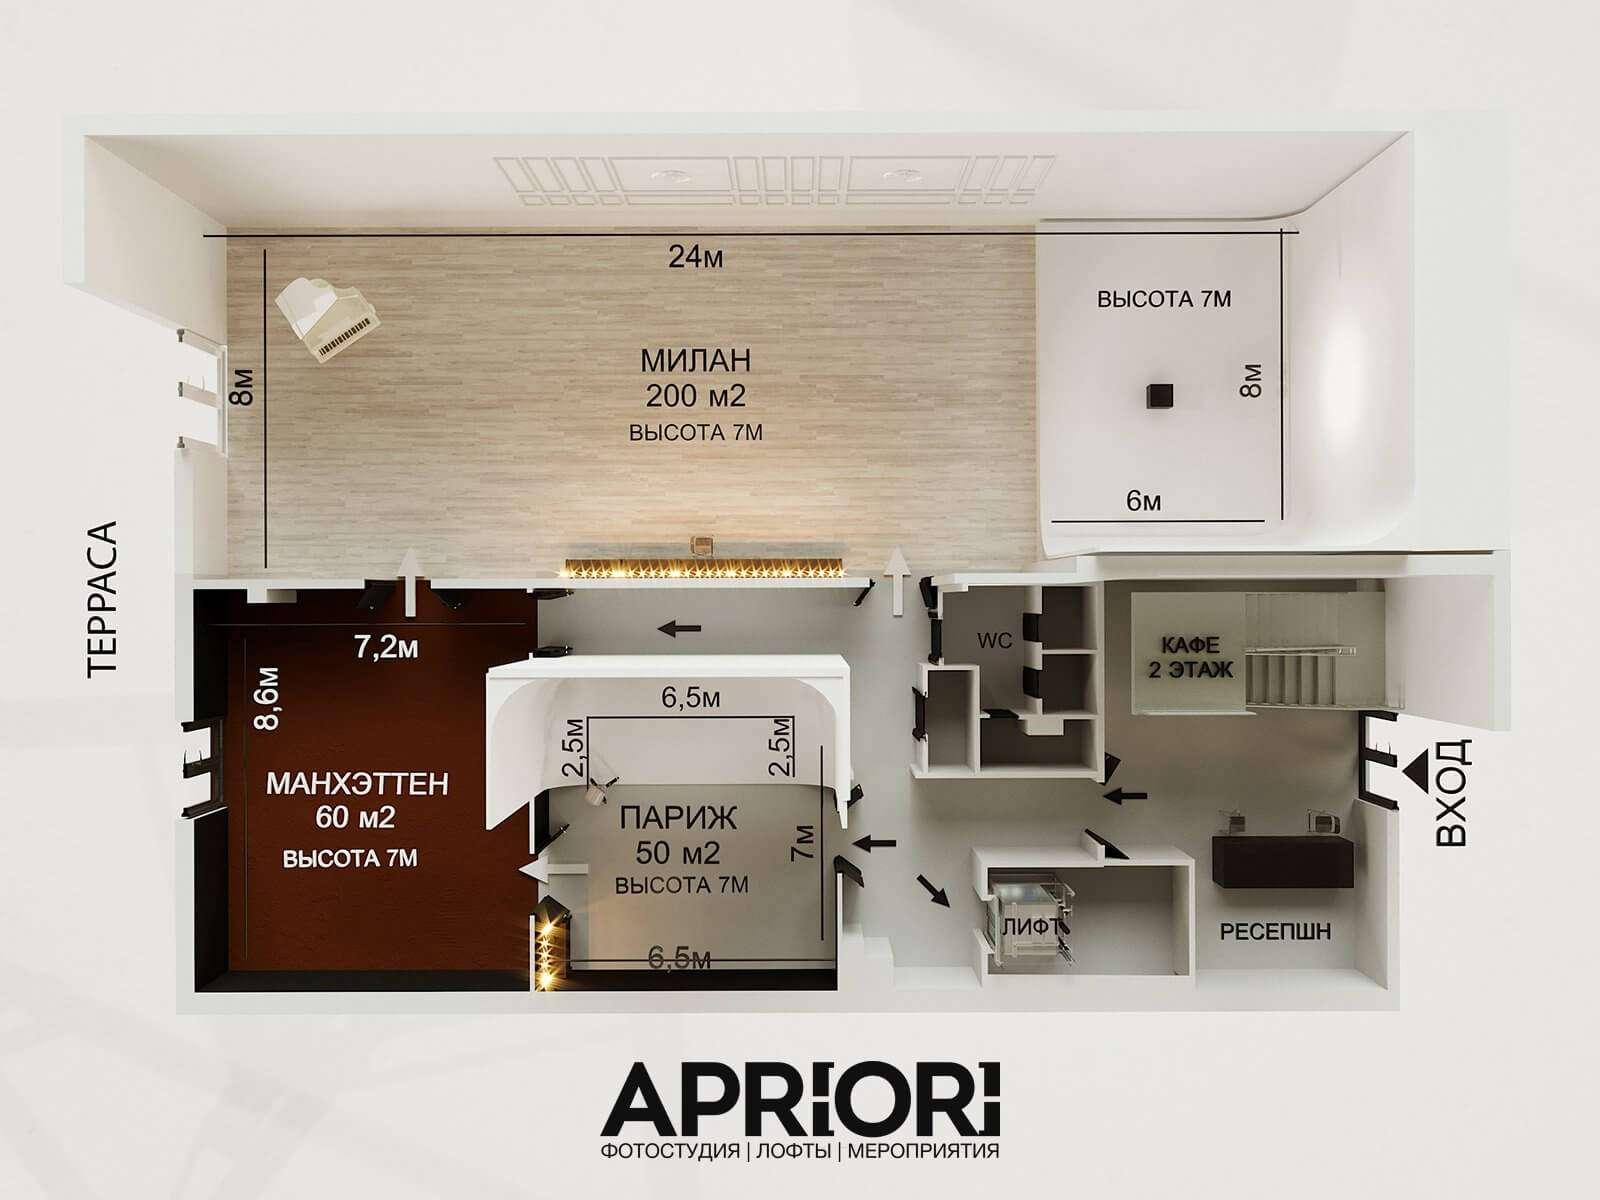 Фотостудия и лофт APRIORI в аренду для съёмки и мероприятия, аренда лофта, лофты Москвы, фотостудии Москвы, план помещения